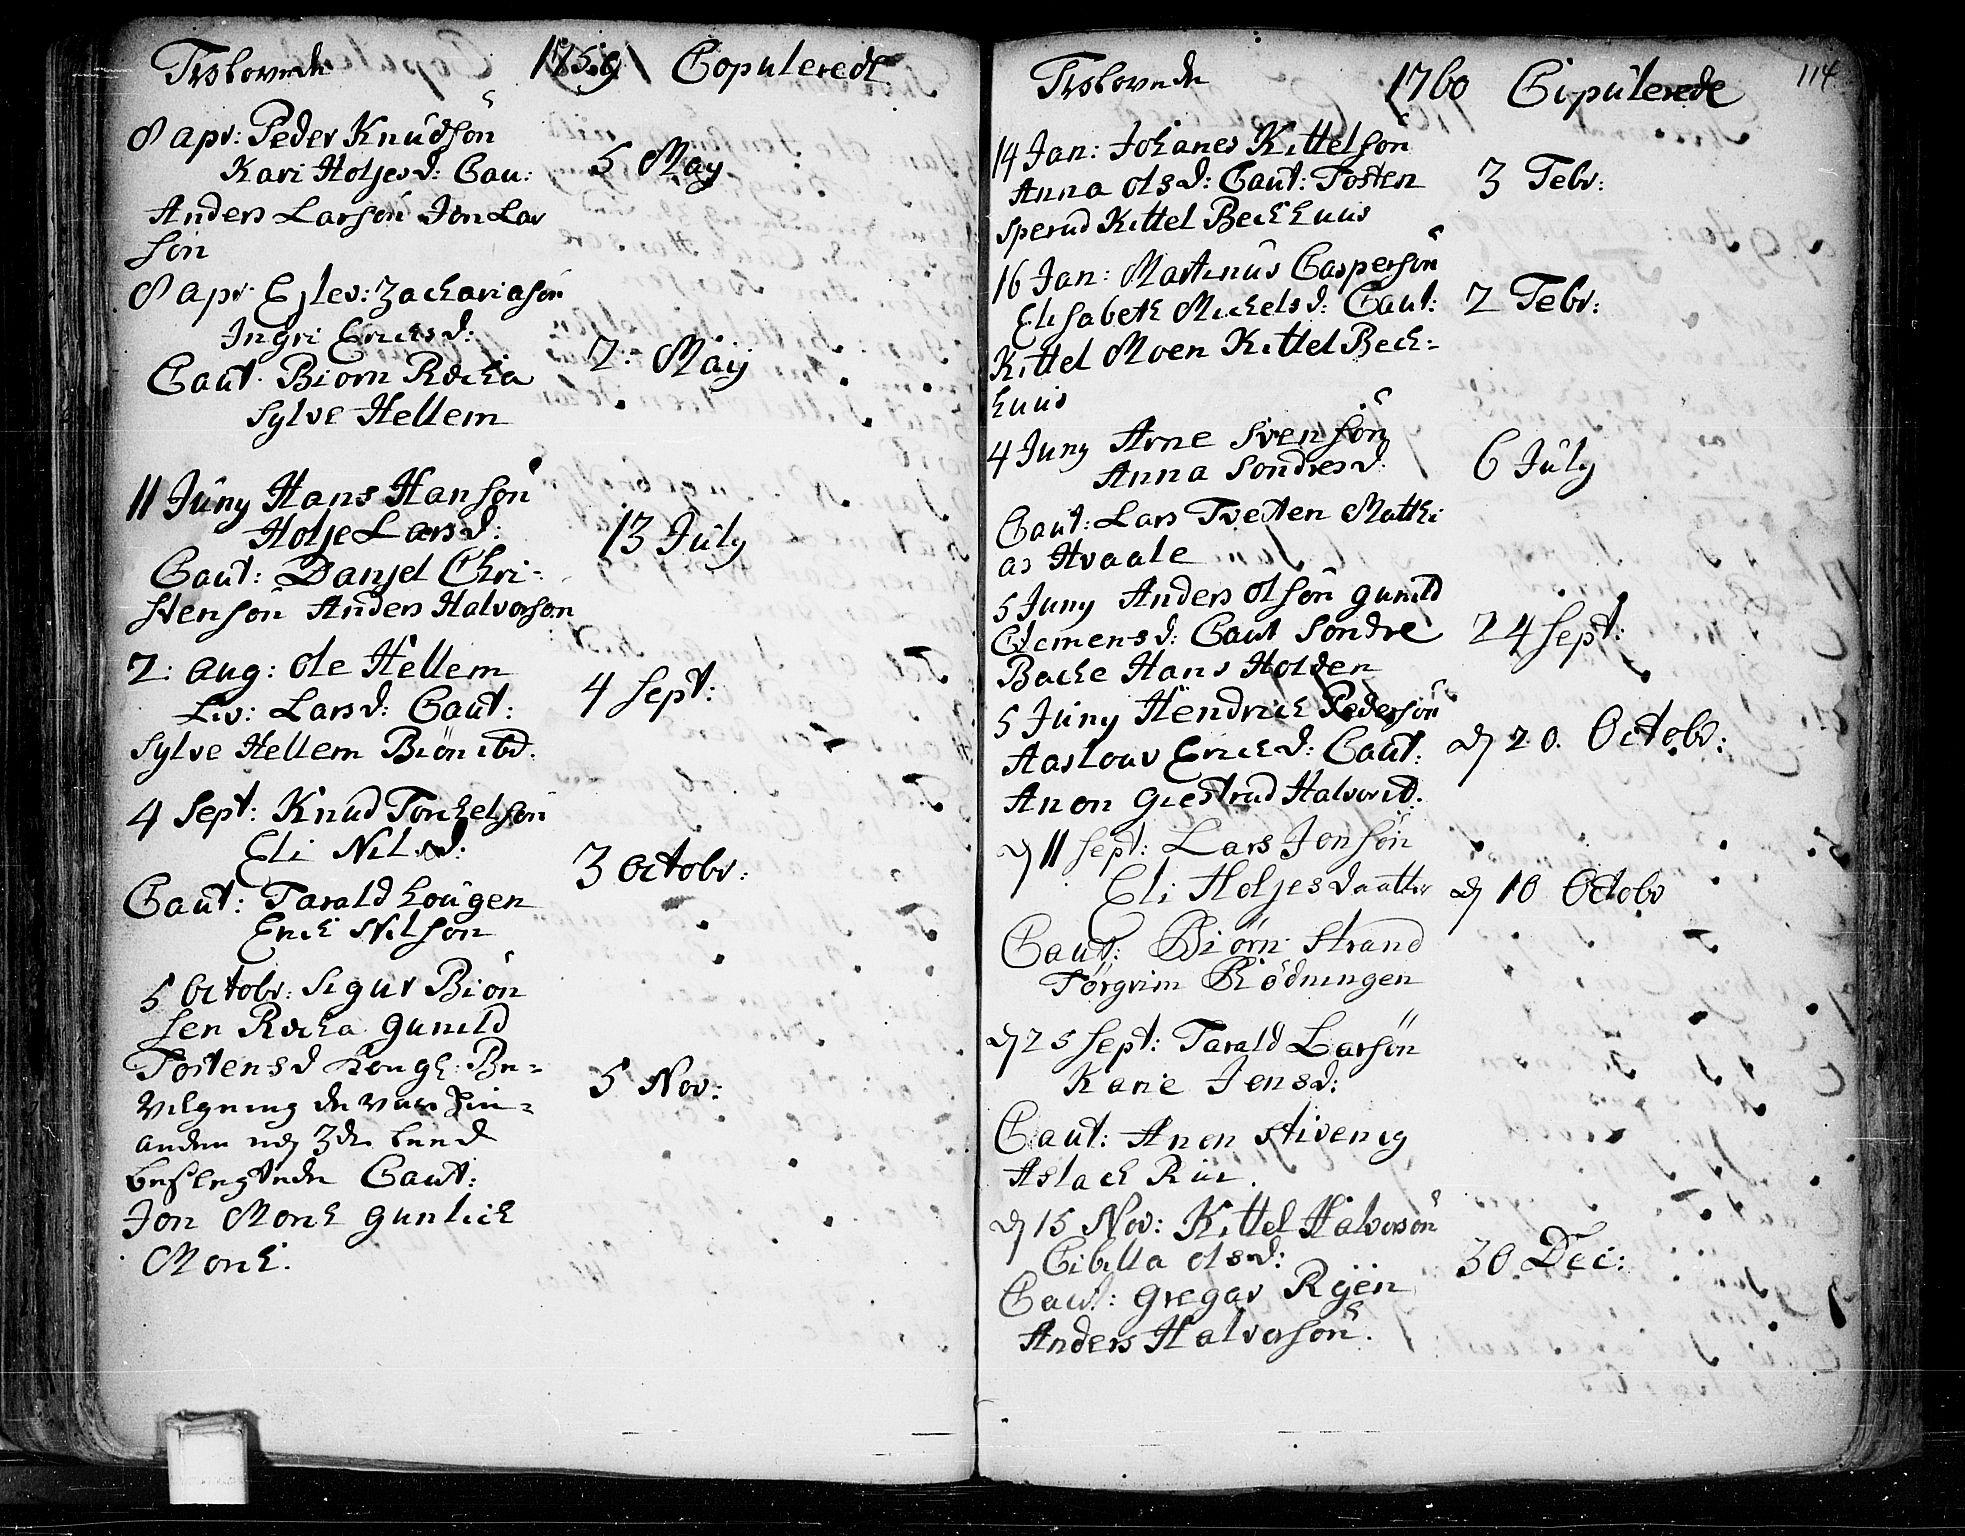 SAKO, Heddal kirkebøker, F/Fa/L0003: Ministerialbok nr. I 3, 1723-1783, s. 114